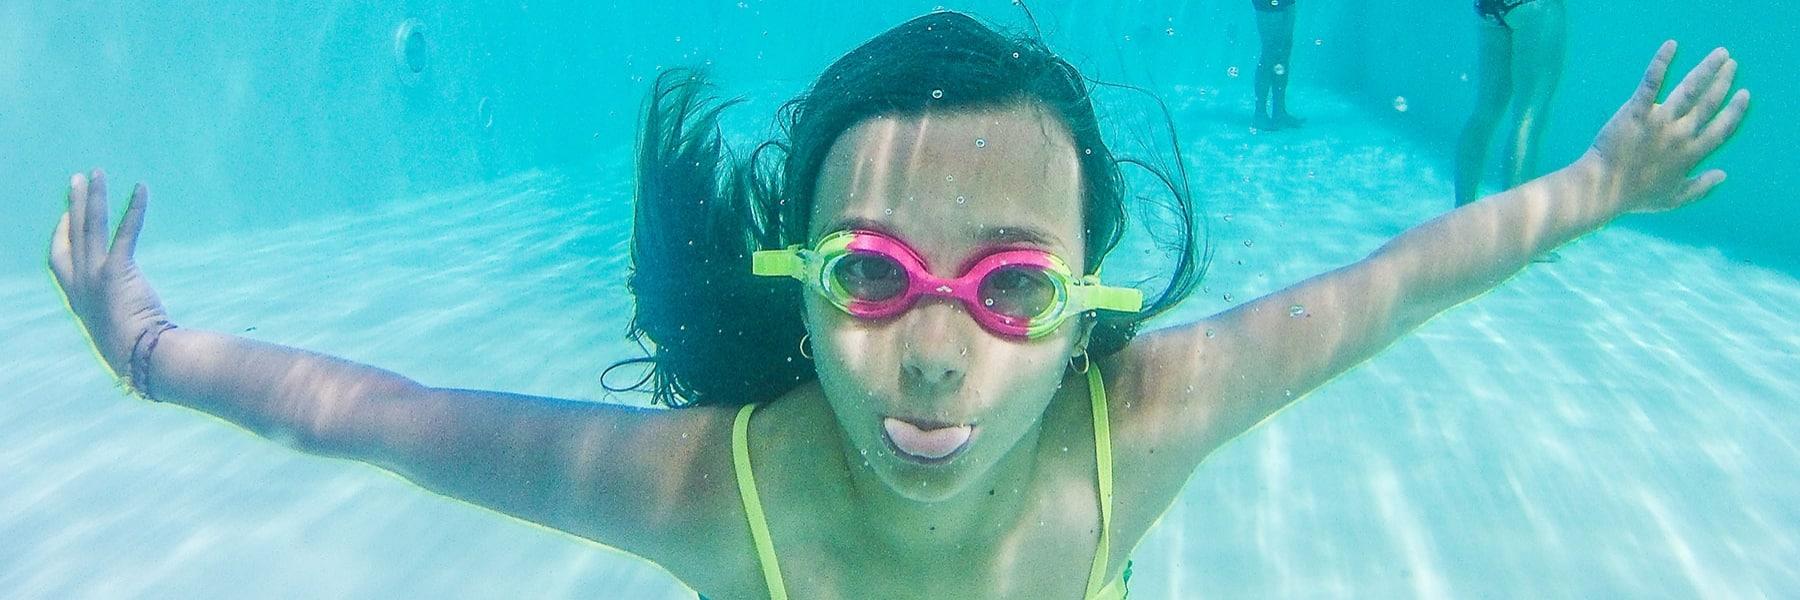 Nog meer zwembad !